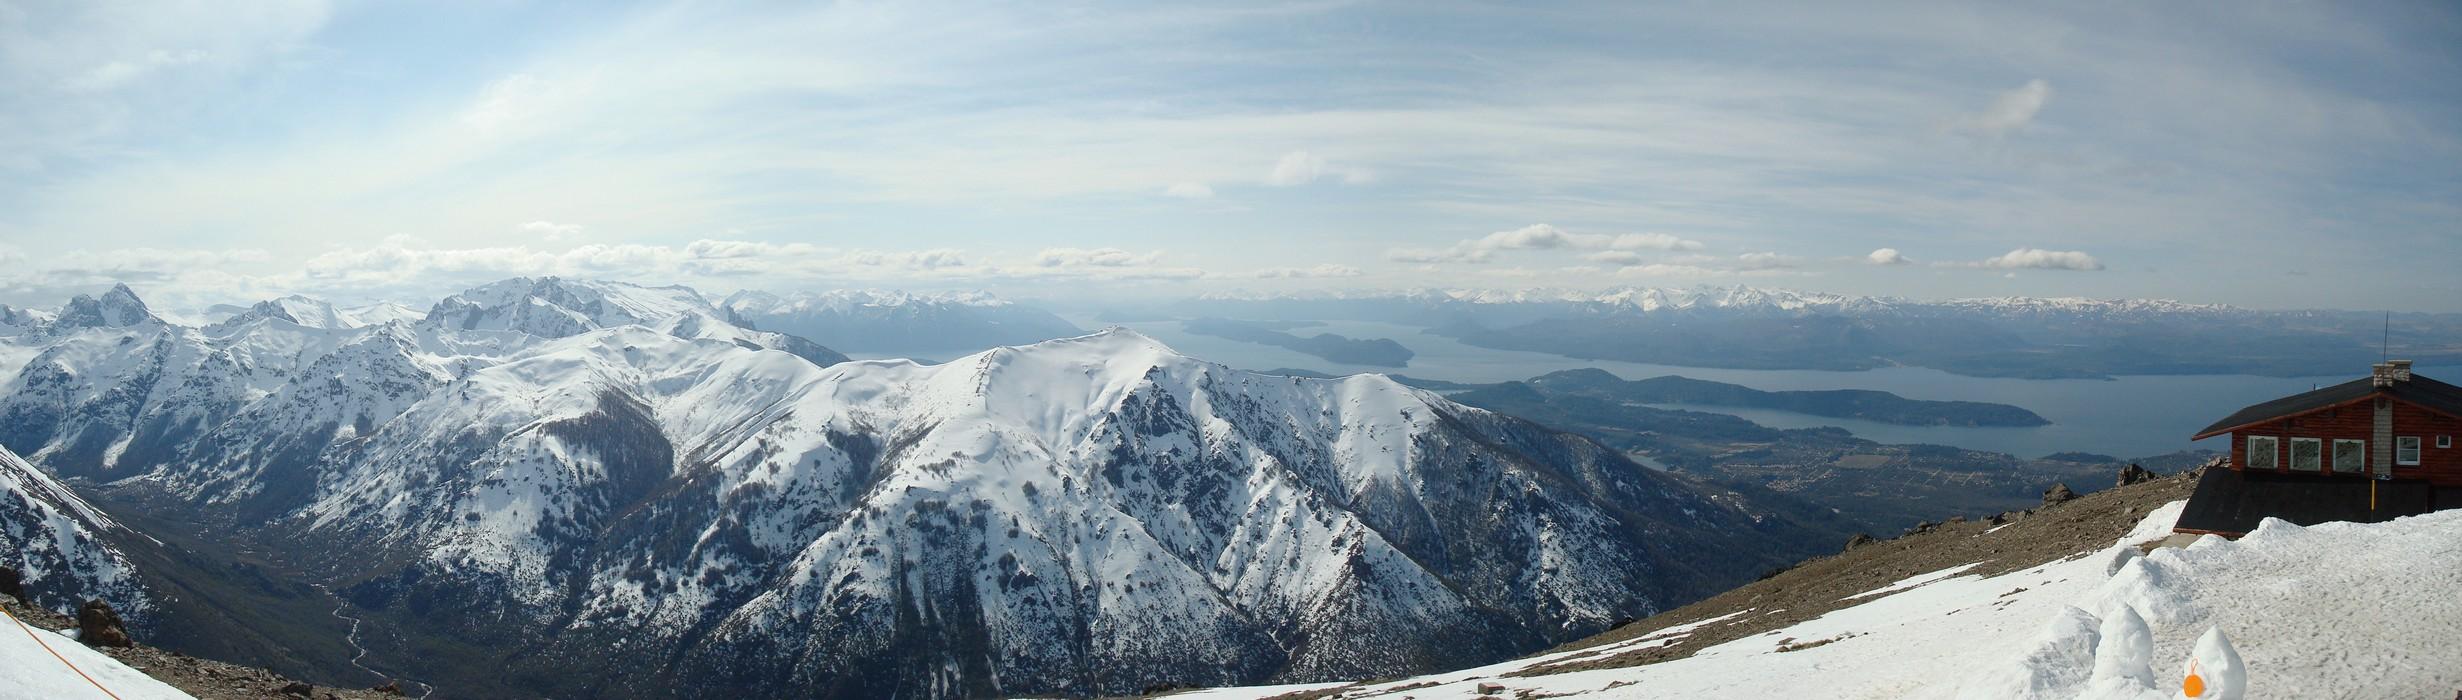 Cerro Catedral - Bariloche (3)